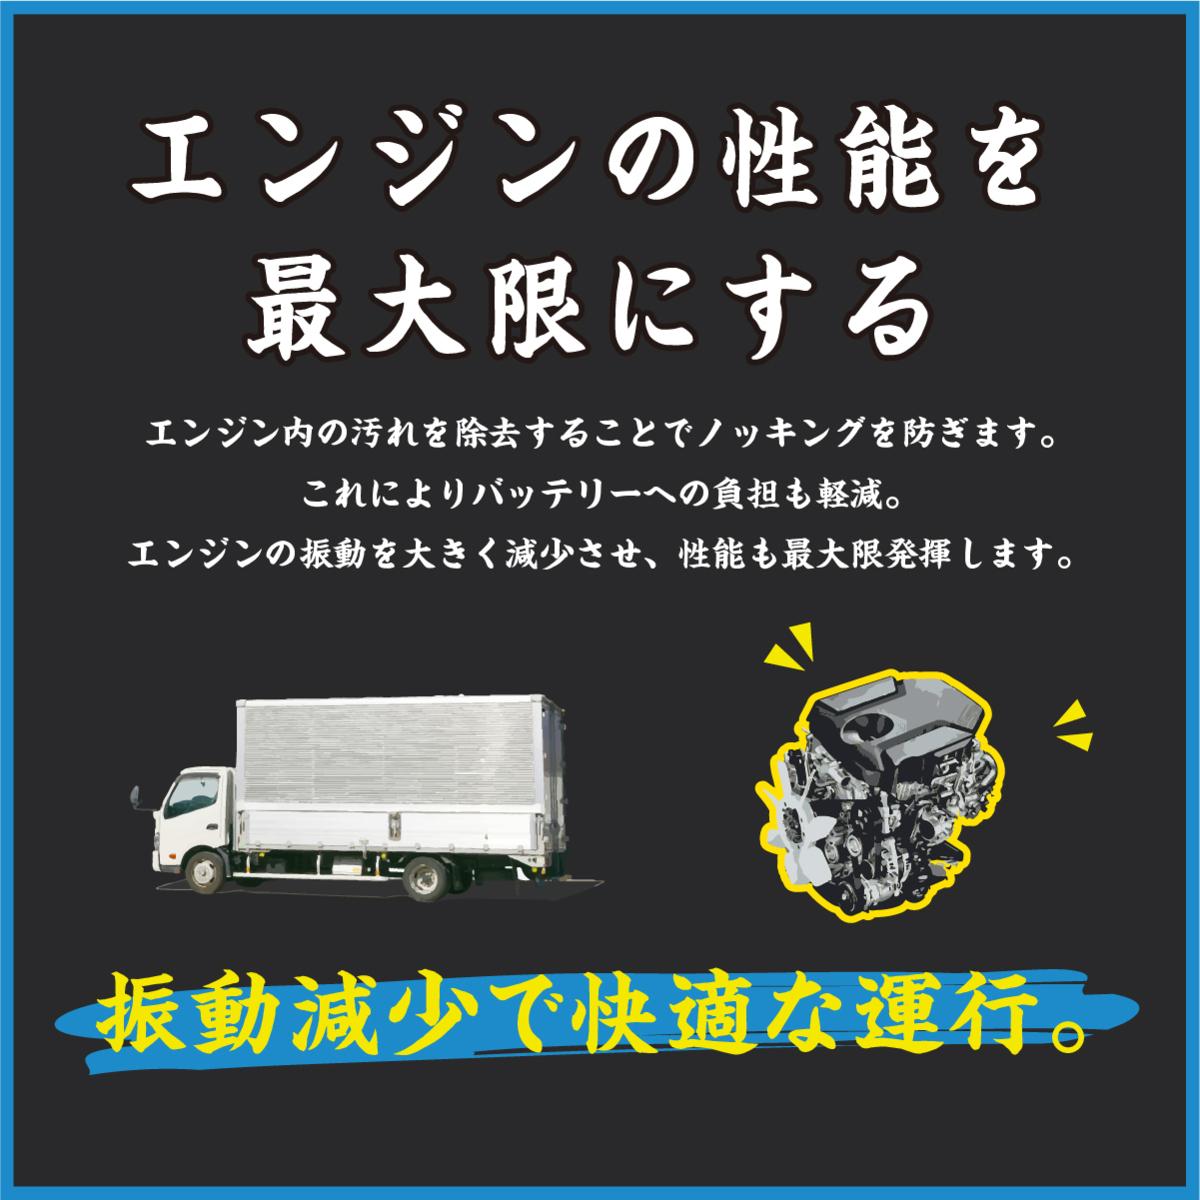 エンジン 振動 気になる方 必見 DPFドットコム 濃縮 煤殺し(すすごろし)ディーゼル 車 エンジン インジェクタ― 洗浄 クリーナー 200ml_画像5